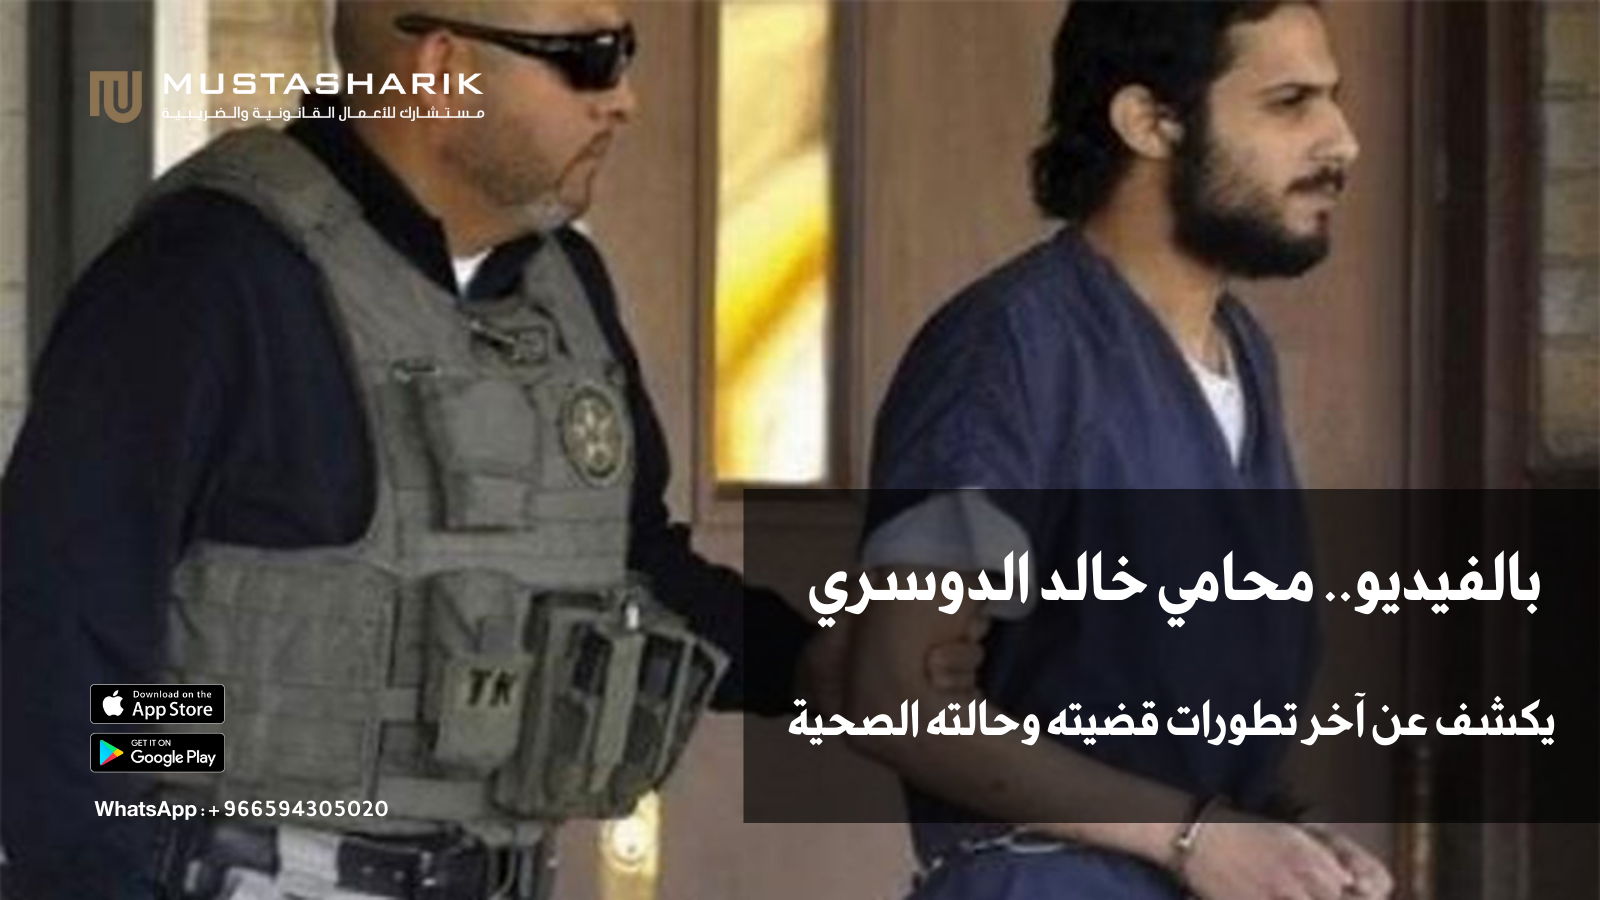 بالفيديو.. محامي خالد الدوسري يكشف عن آخر تطورات قضيته وحالته الصحية